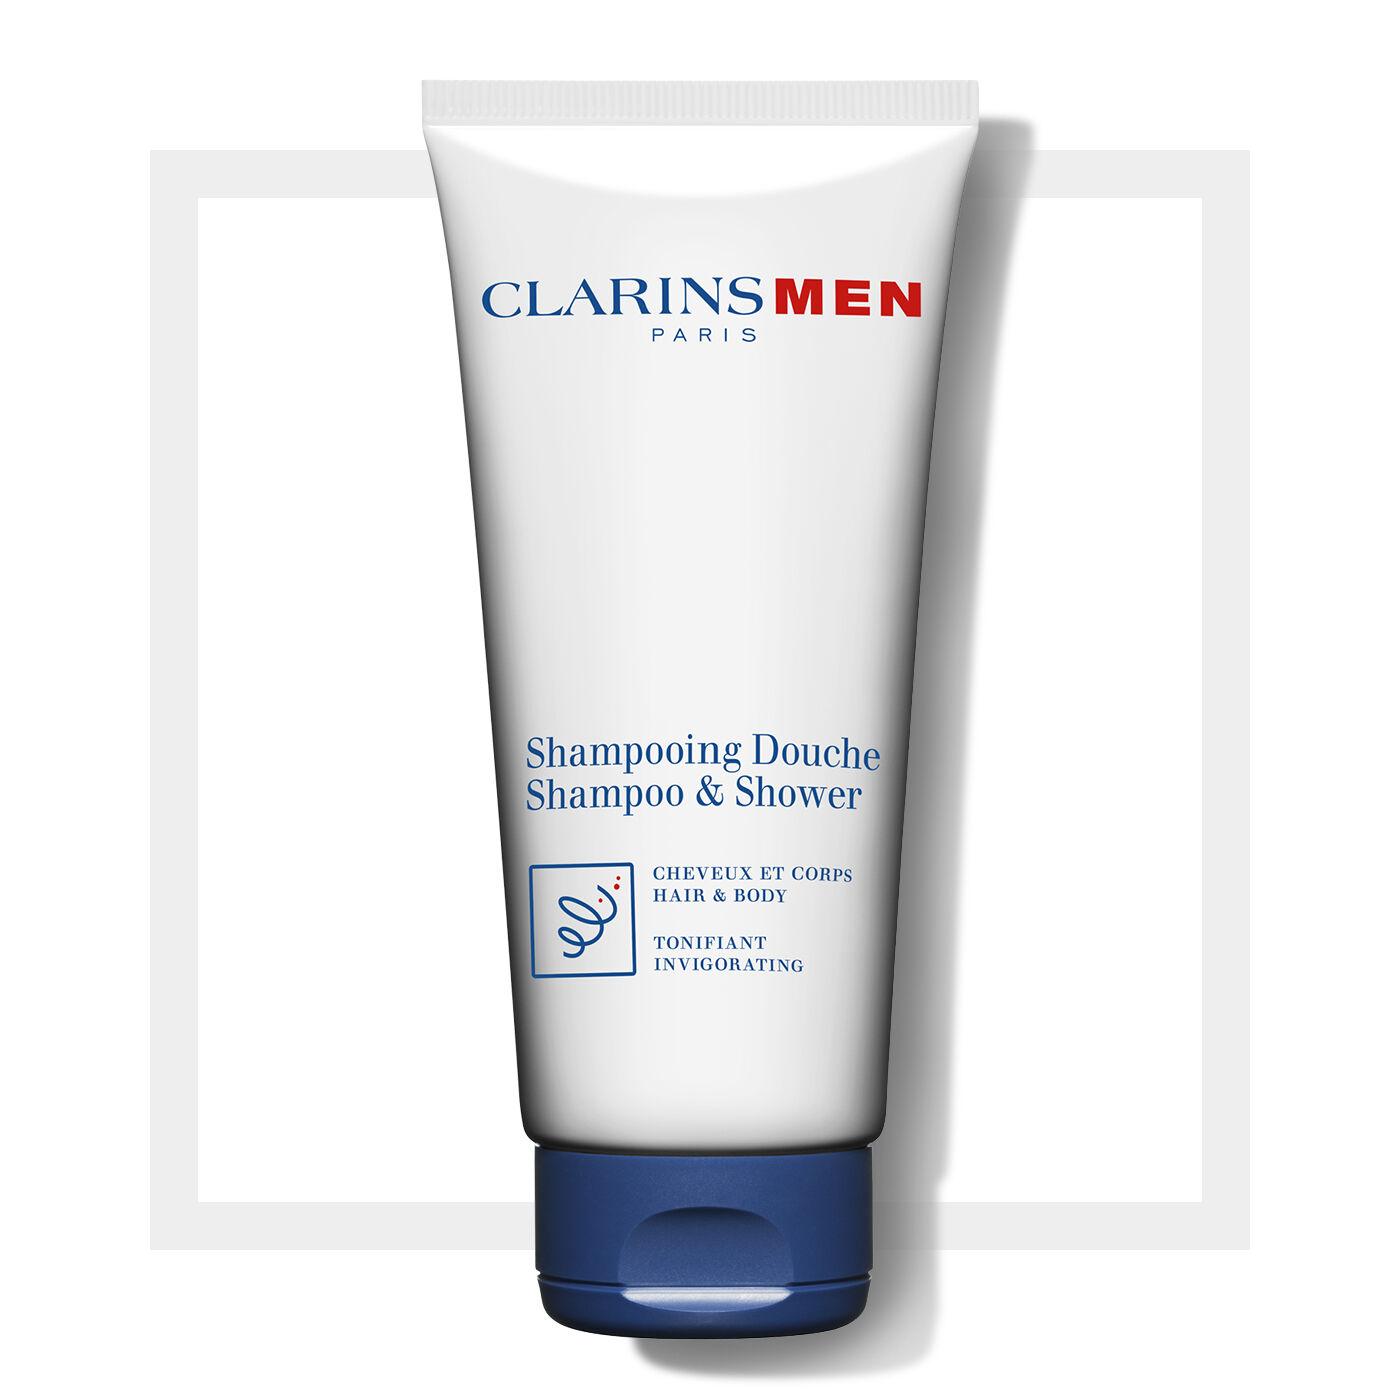 Shampooing Douche ClarinsMen für Haare und Körper